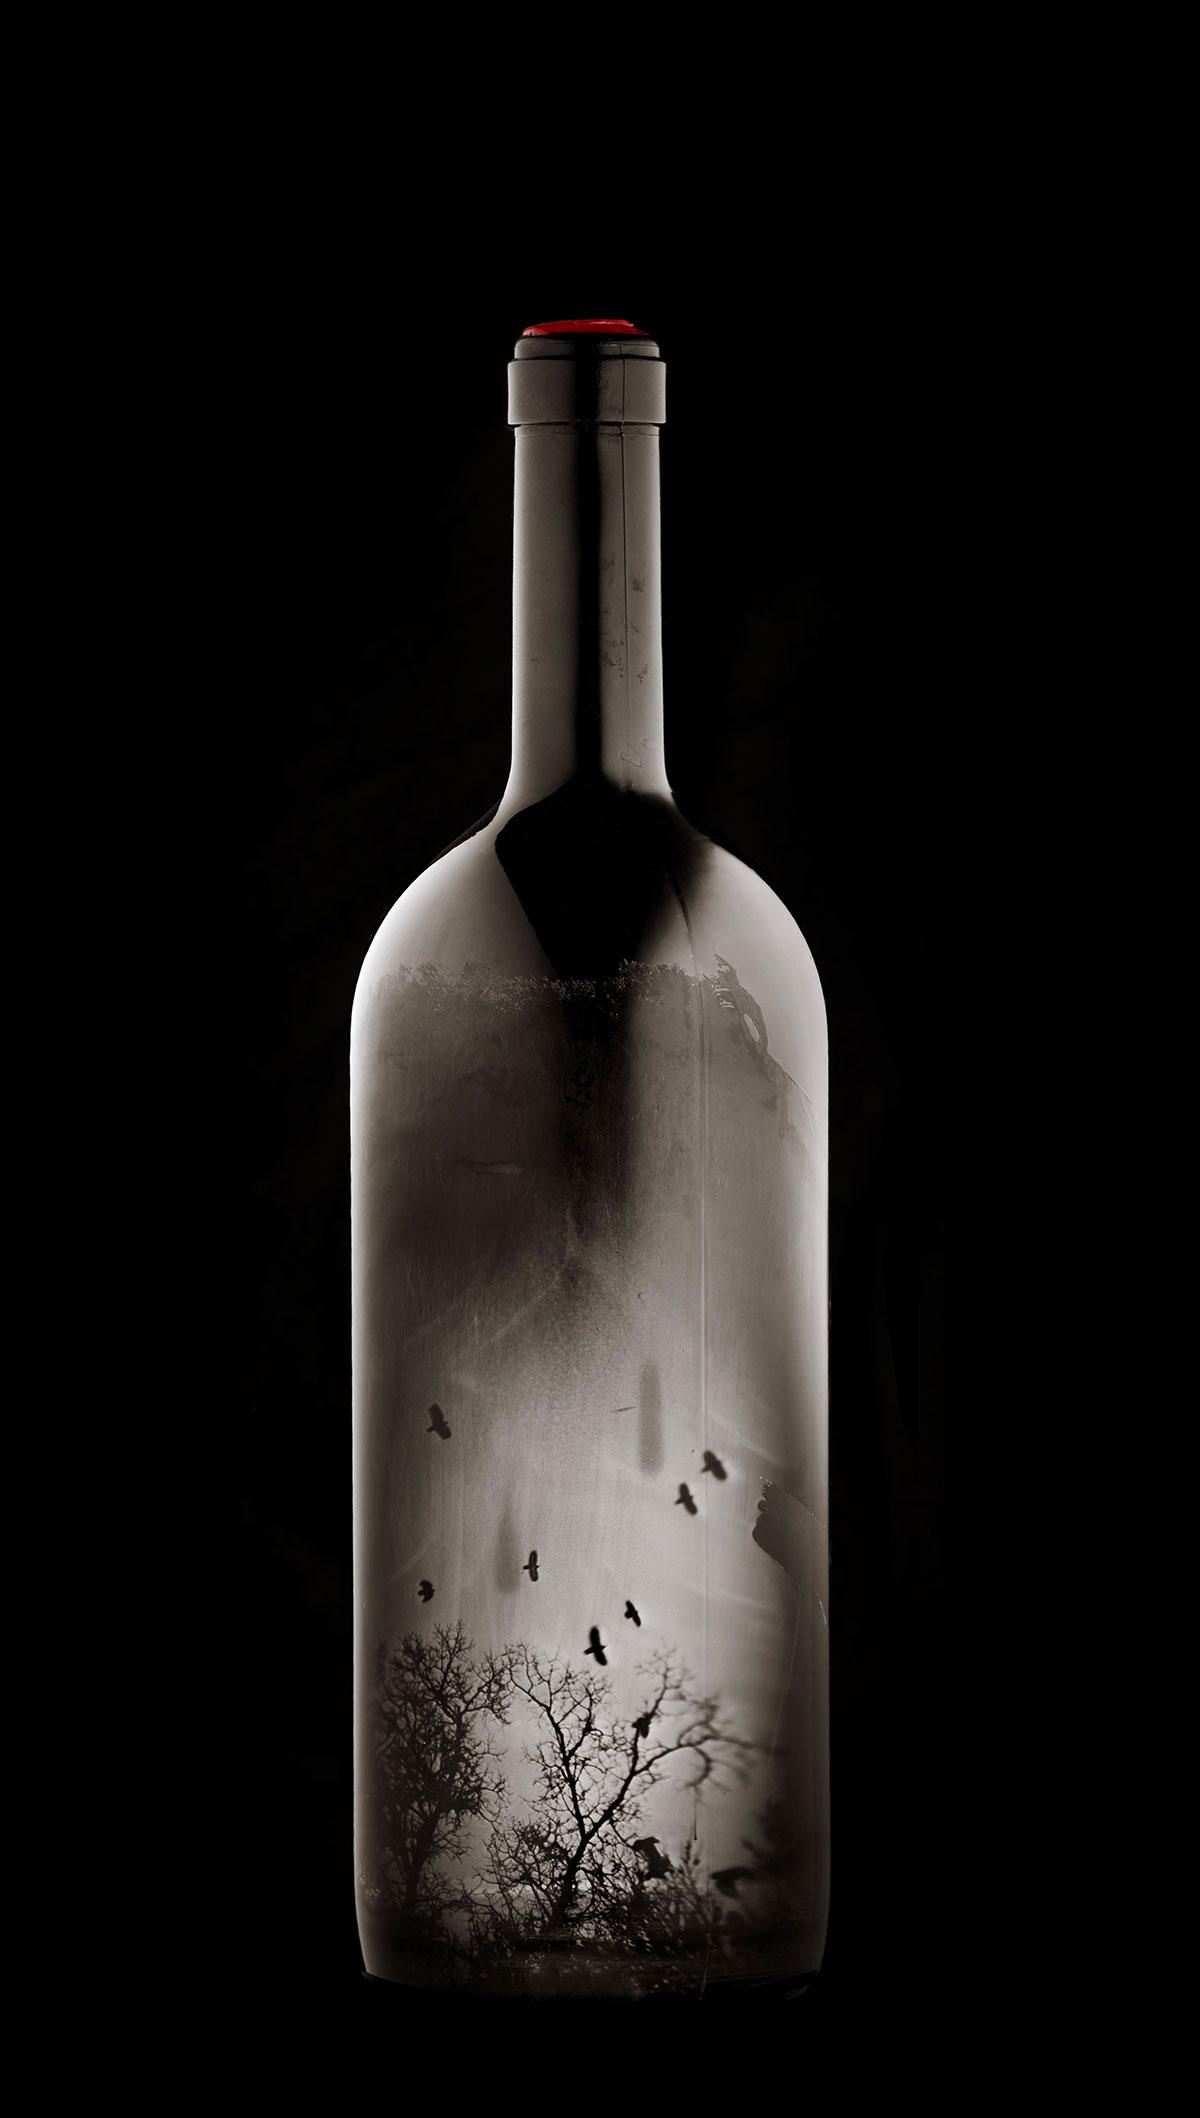 Package-Design-Bottle_Wine_Stefan-Sappert_04